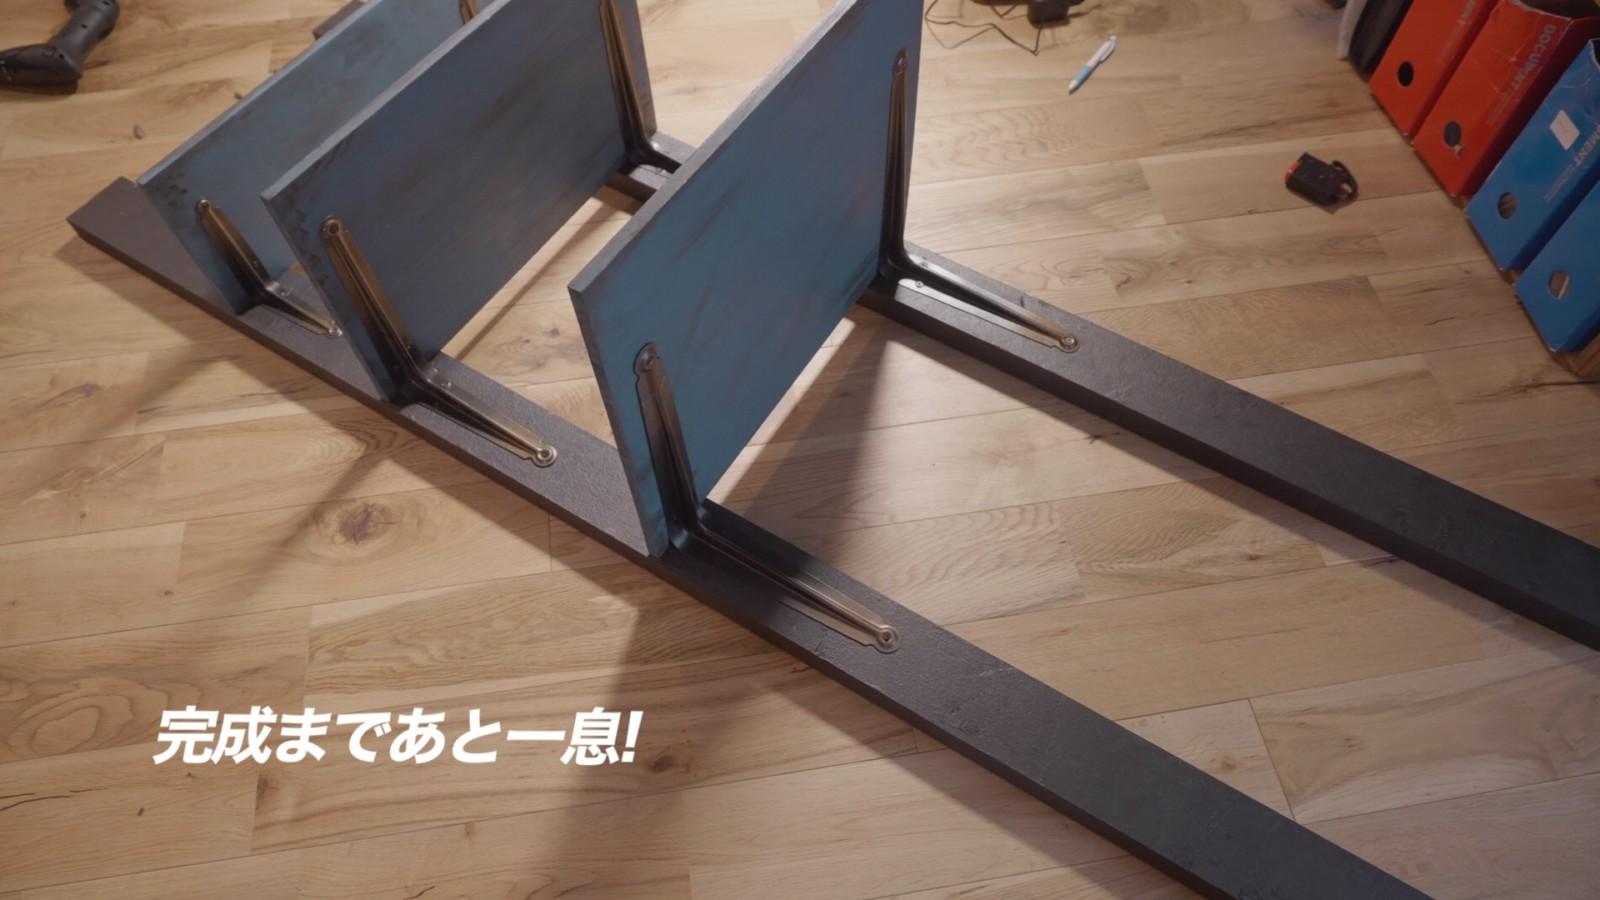 DIYラジコンラックの組み立て